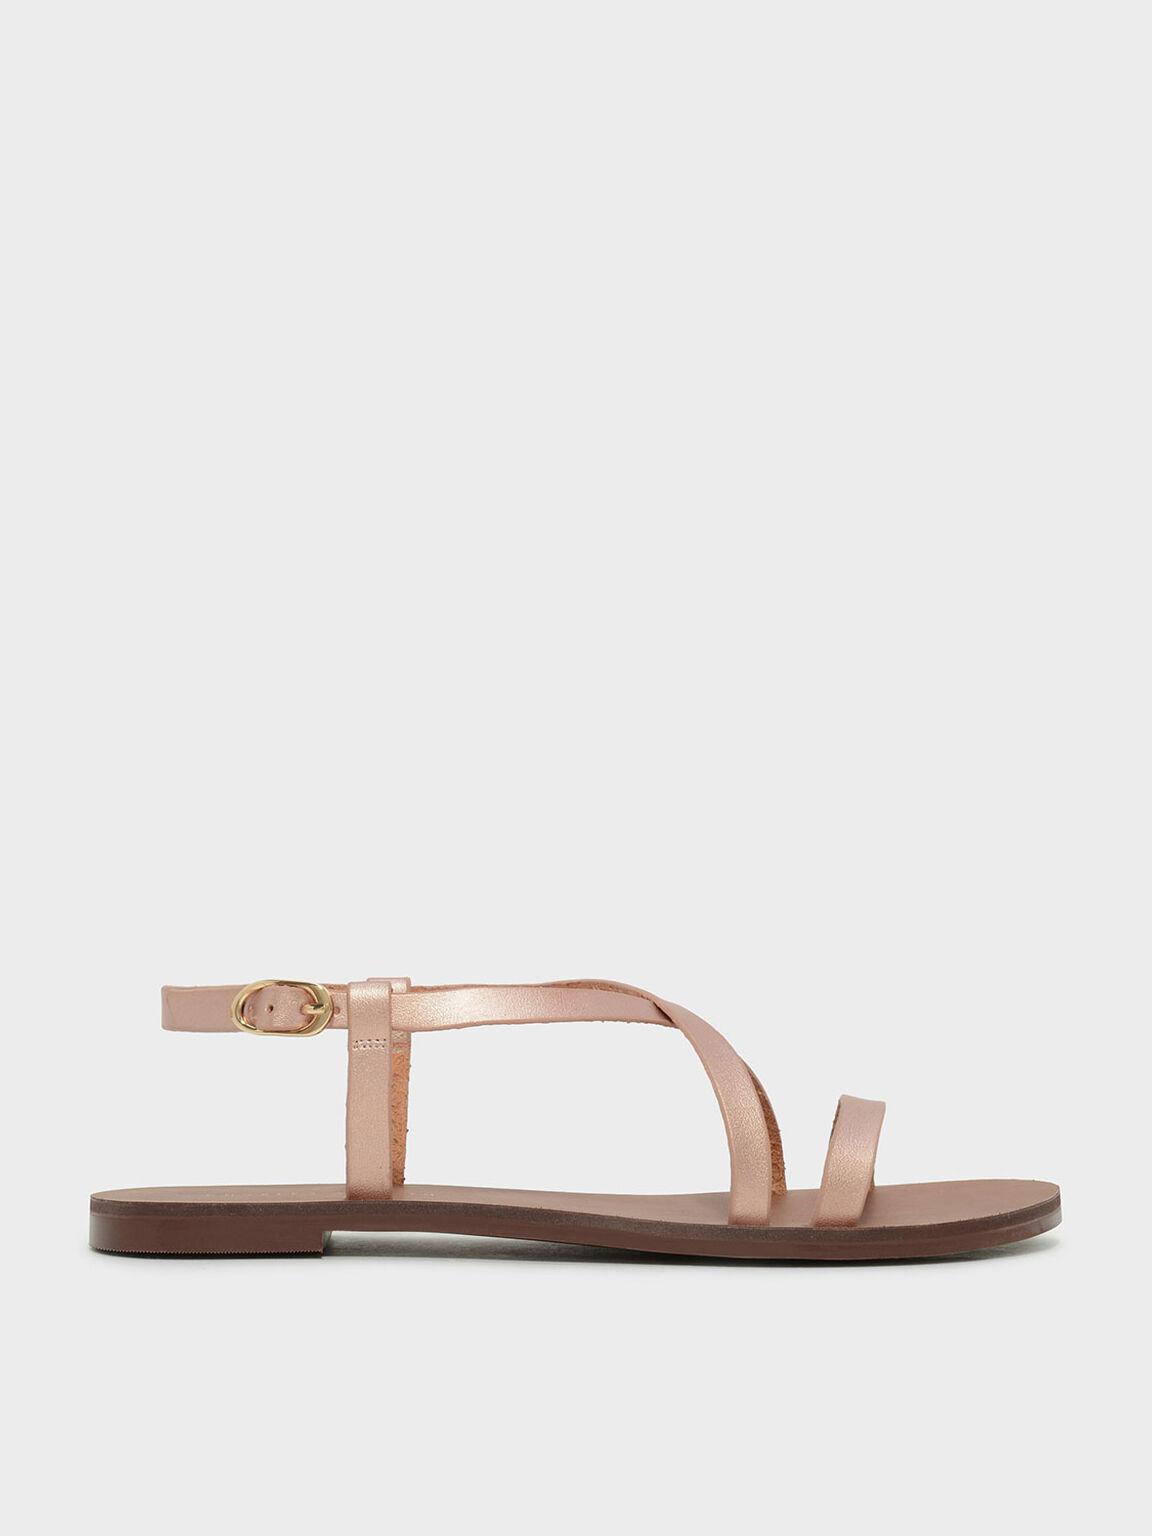 Criss Cross Sandals, Rose Gold, hi-res